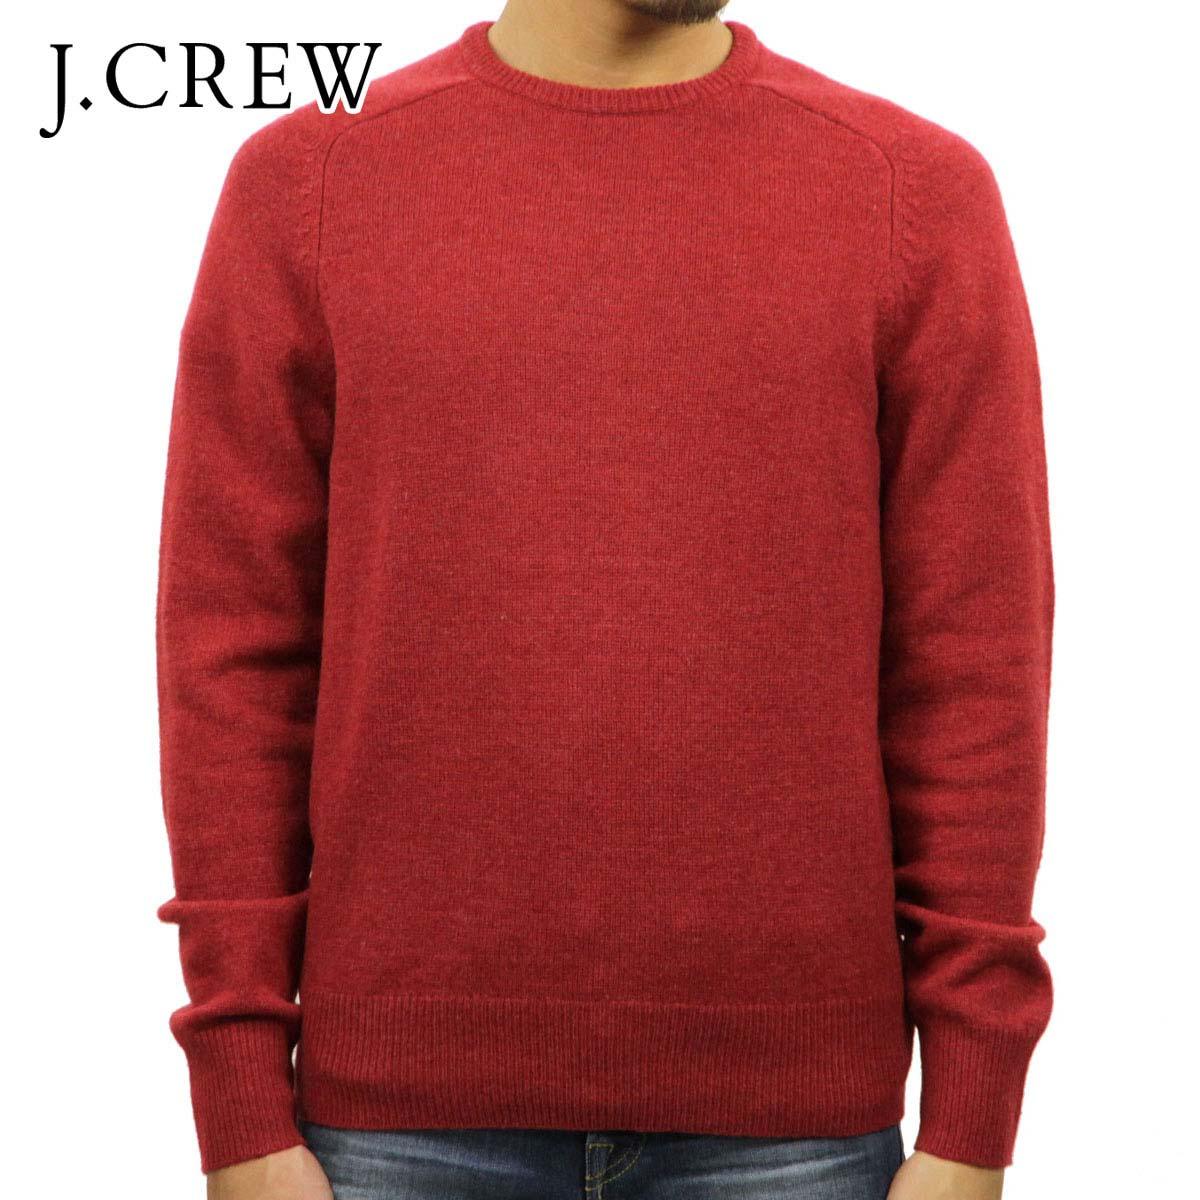 ジェイクルー J.CREW 正規品 メンズ セーター LAMBSWOOL CREWNECK SWEATER A9128 D20S30